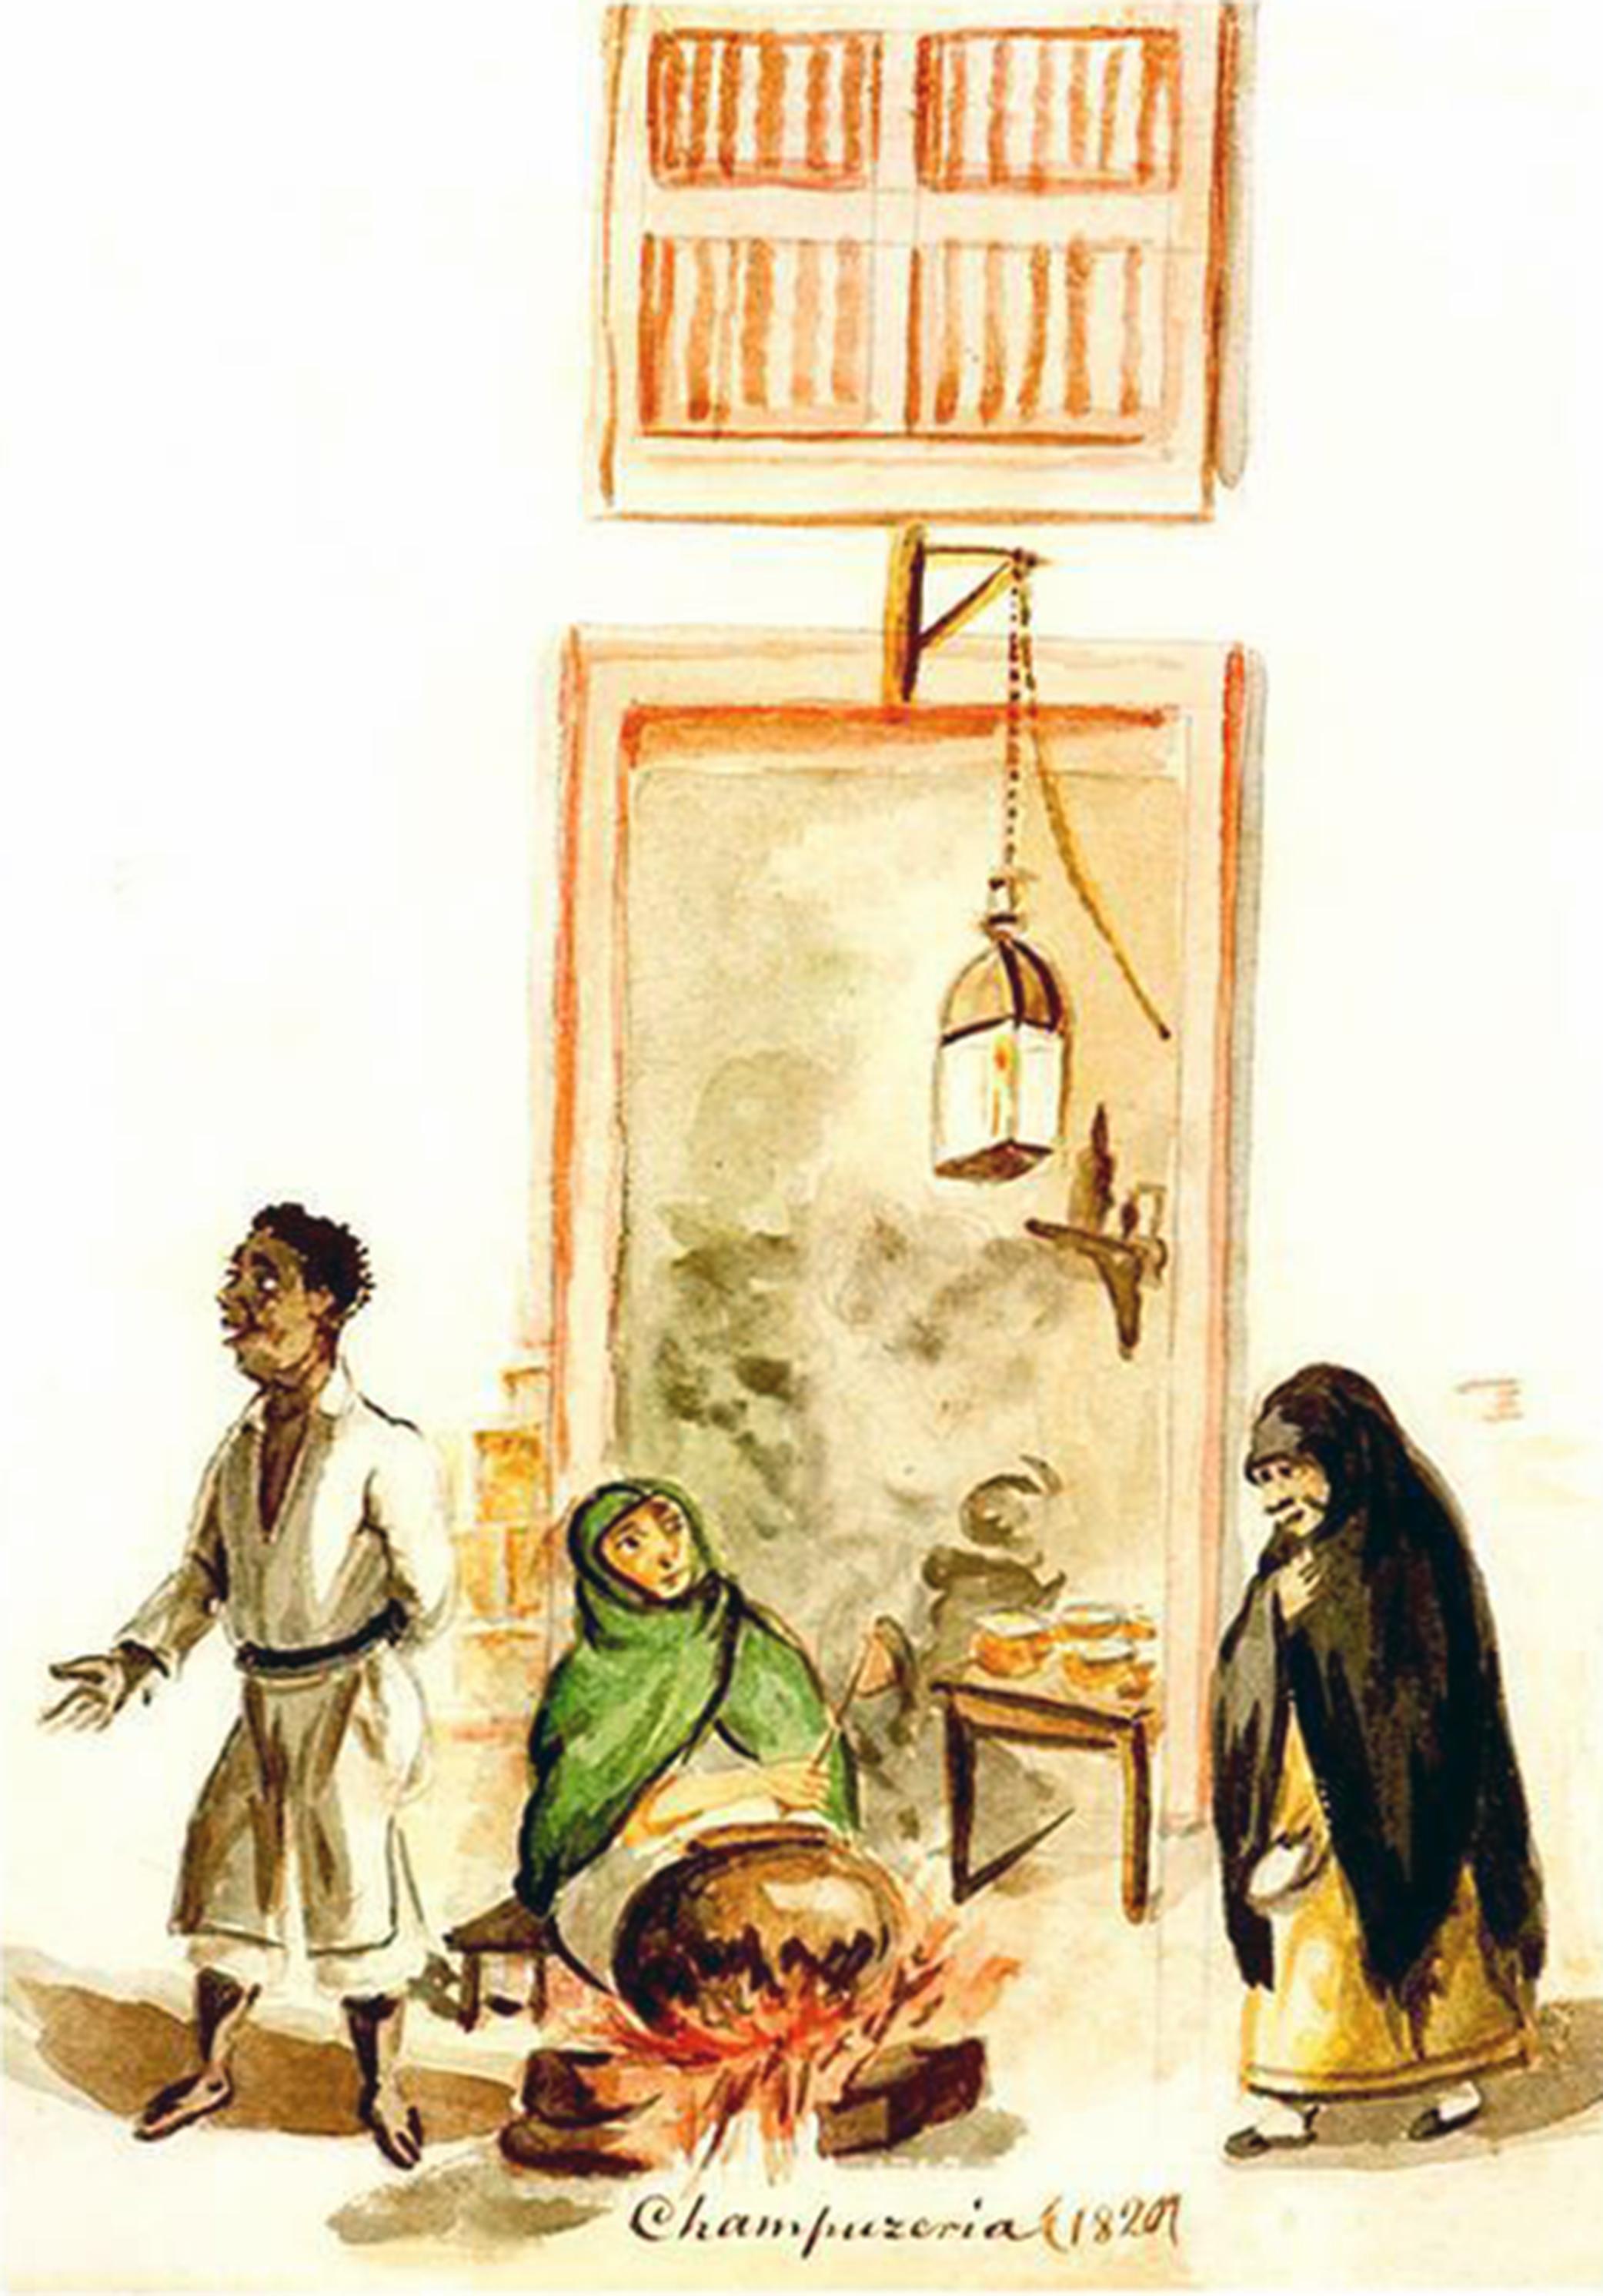 File:Champuzeria (1820).jpg